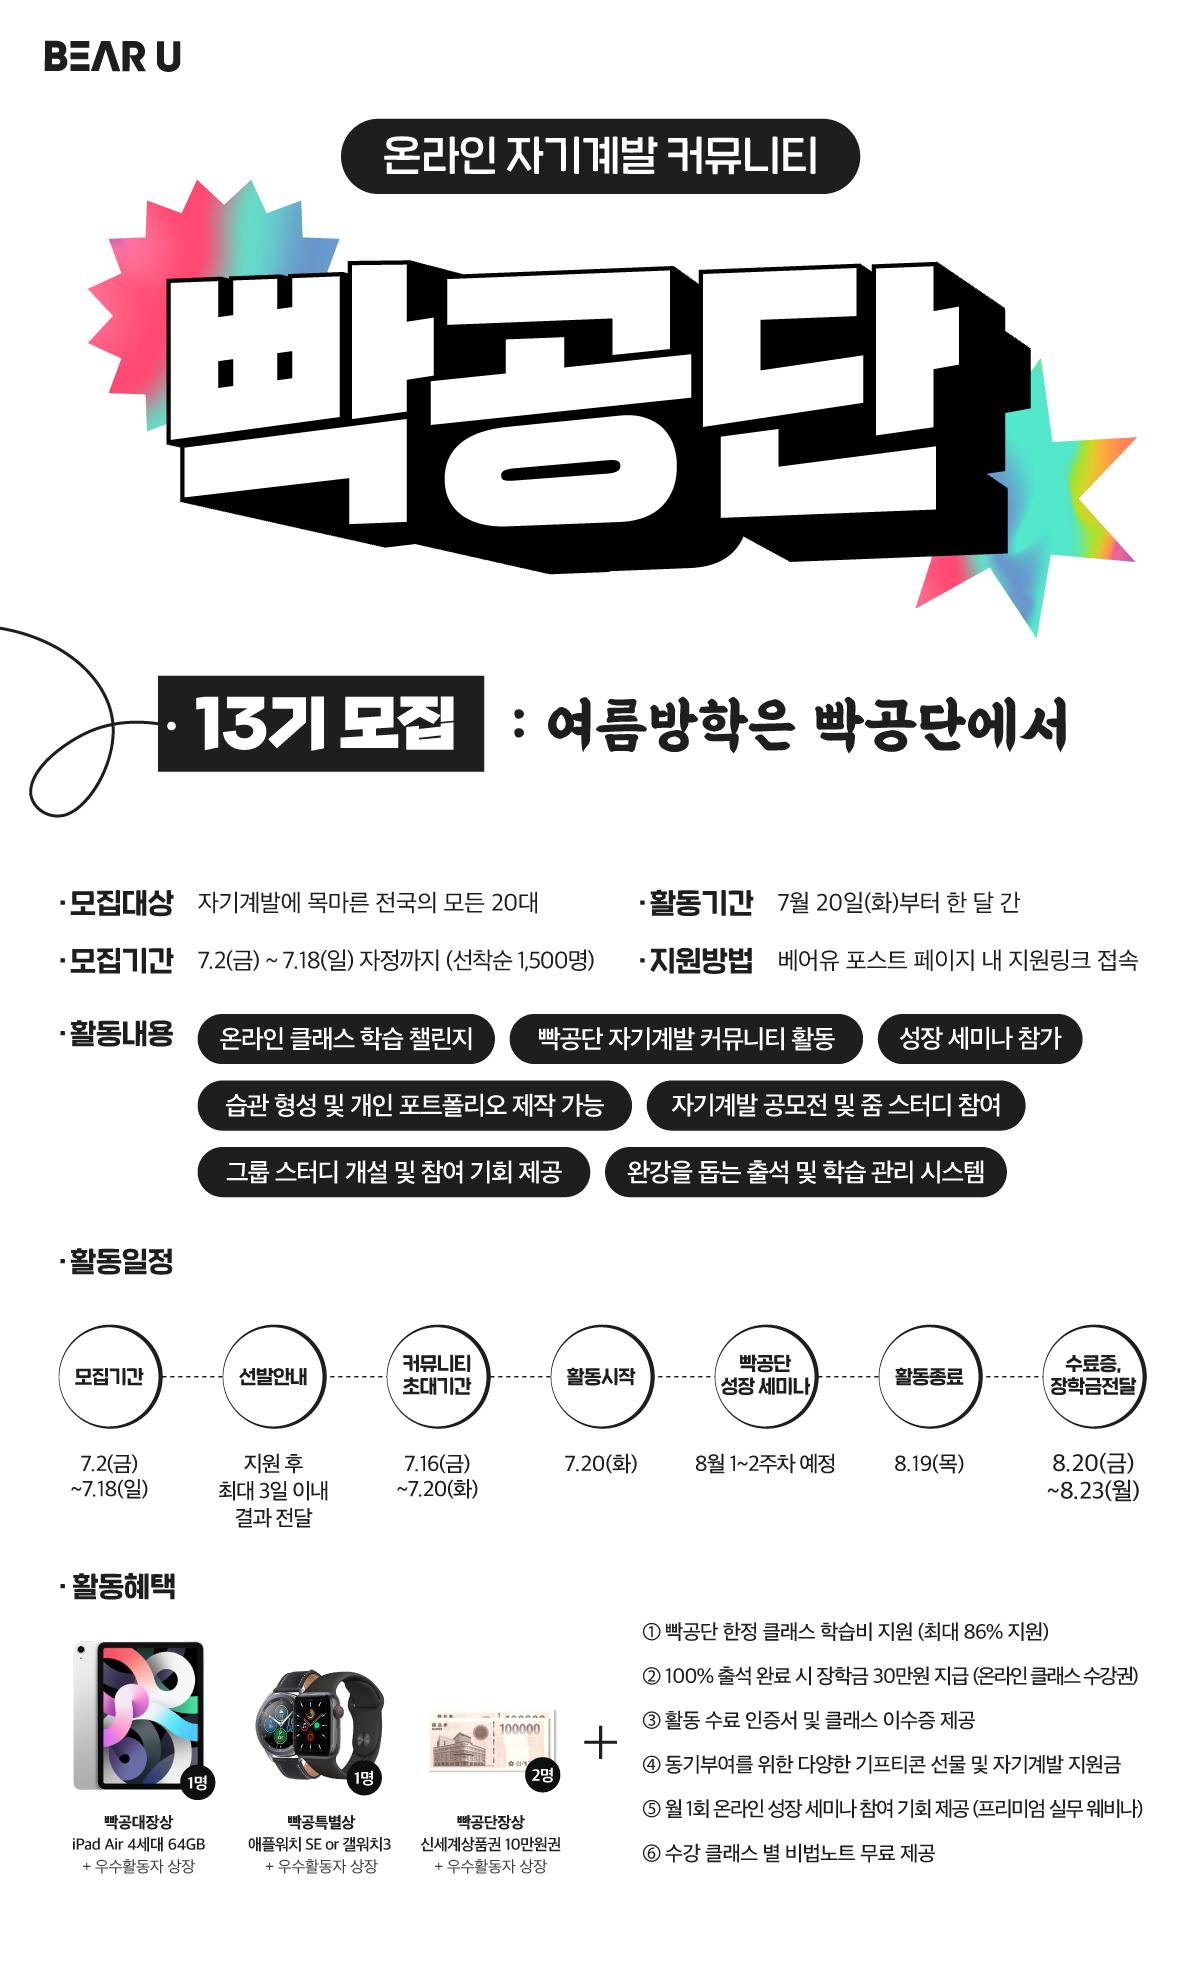 [빡공단 13기] 하루 10분 온라인 자기계발 커뮤니티, 빡공단 모집(~7/18)